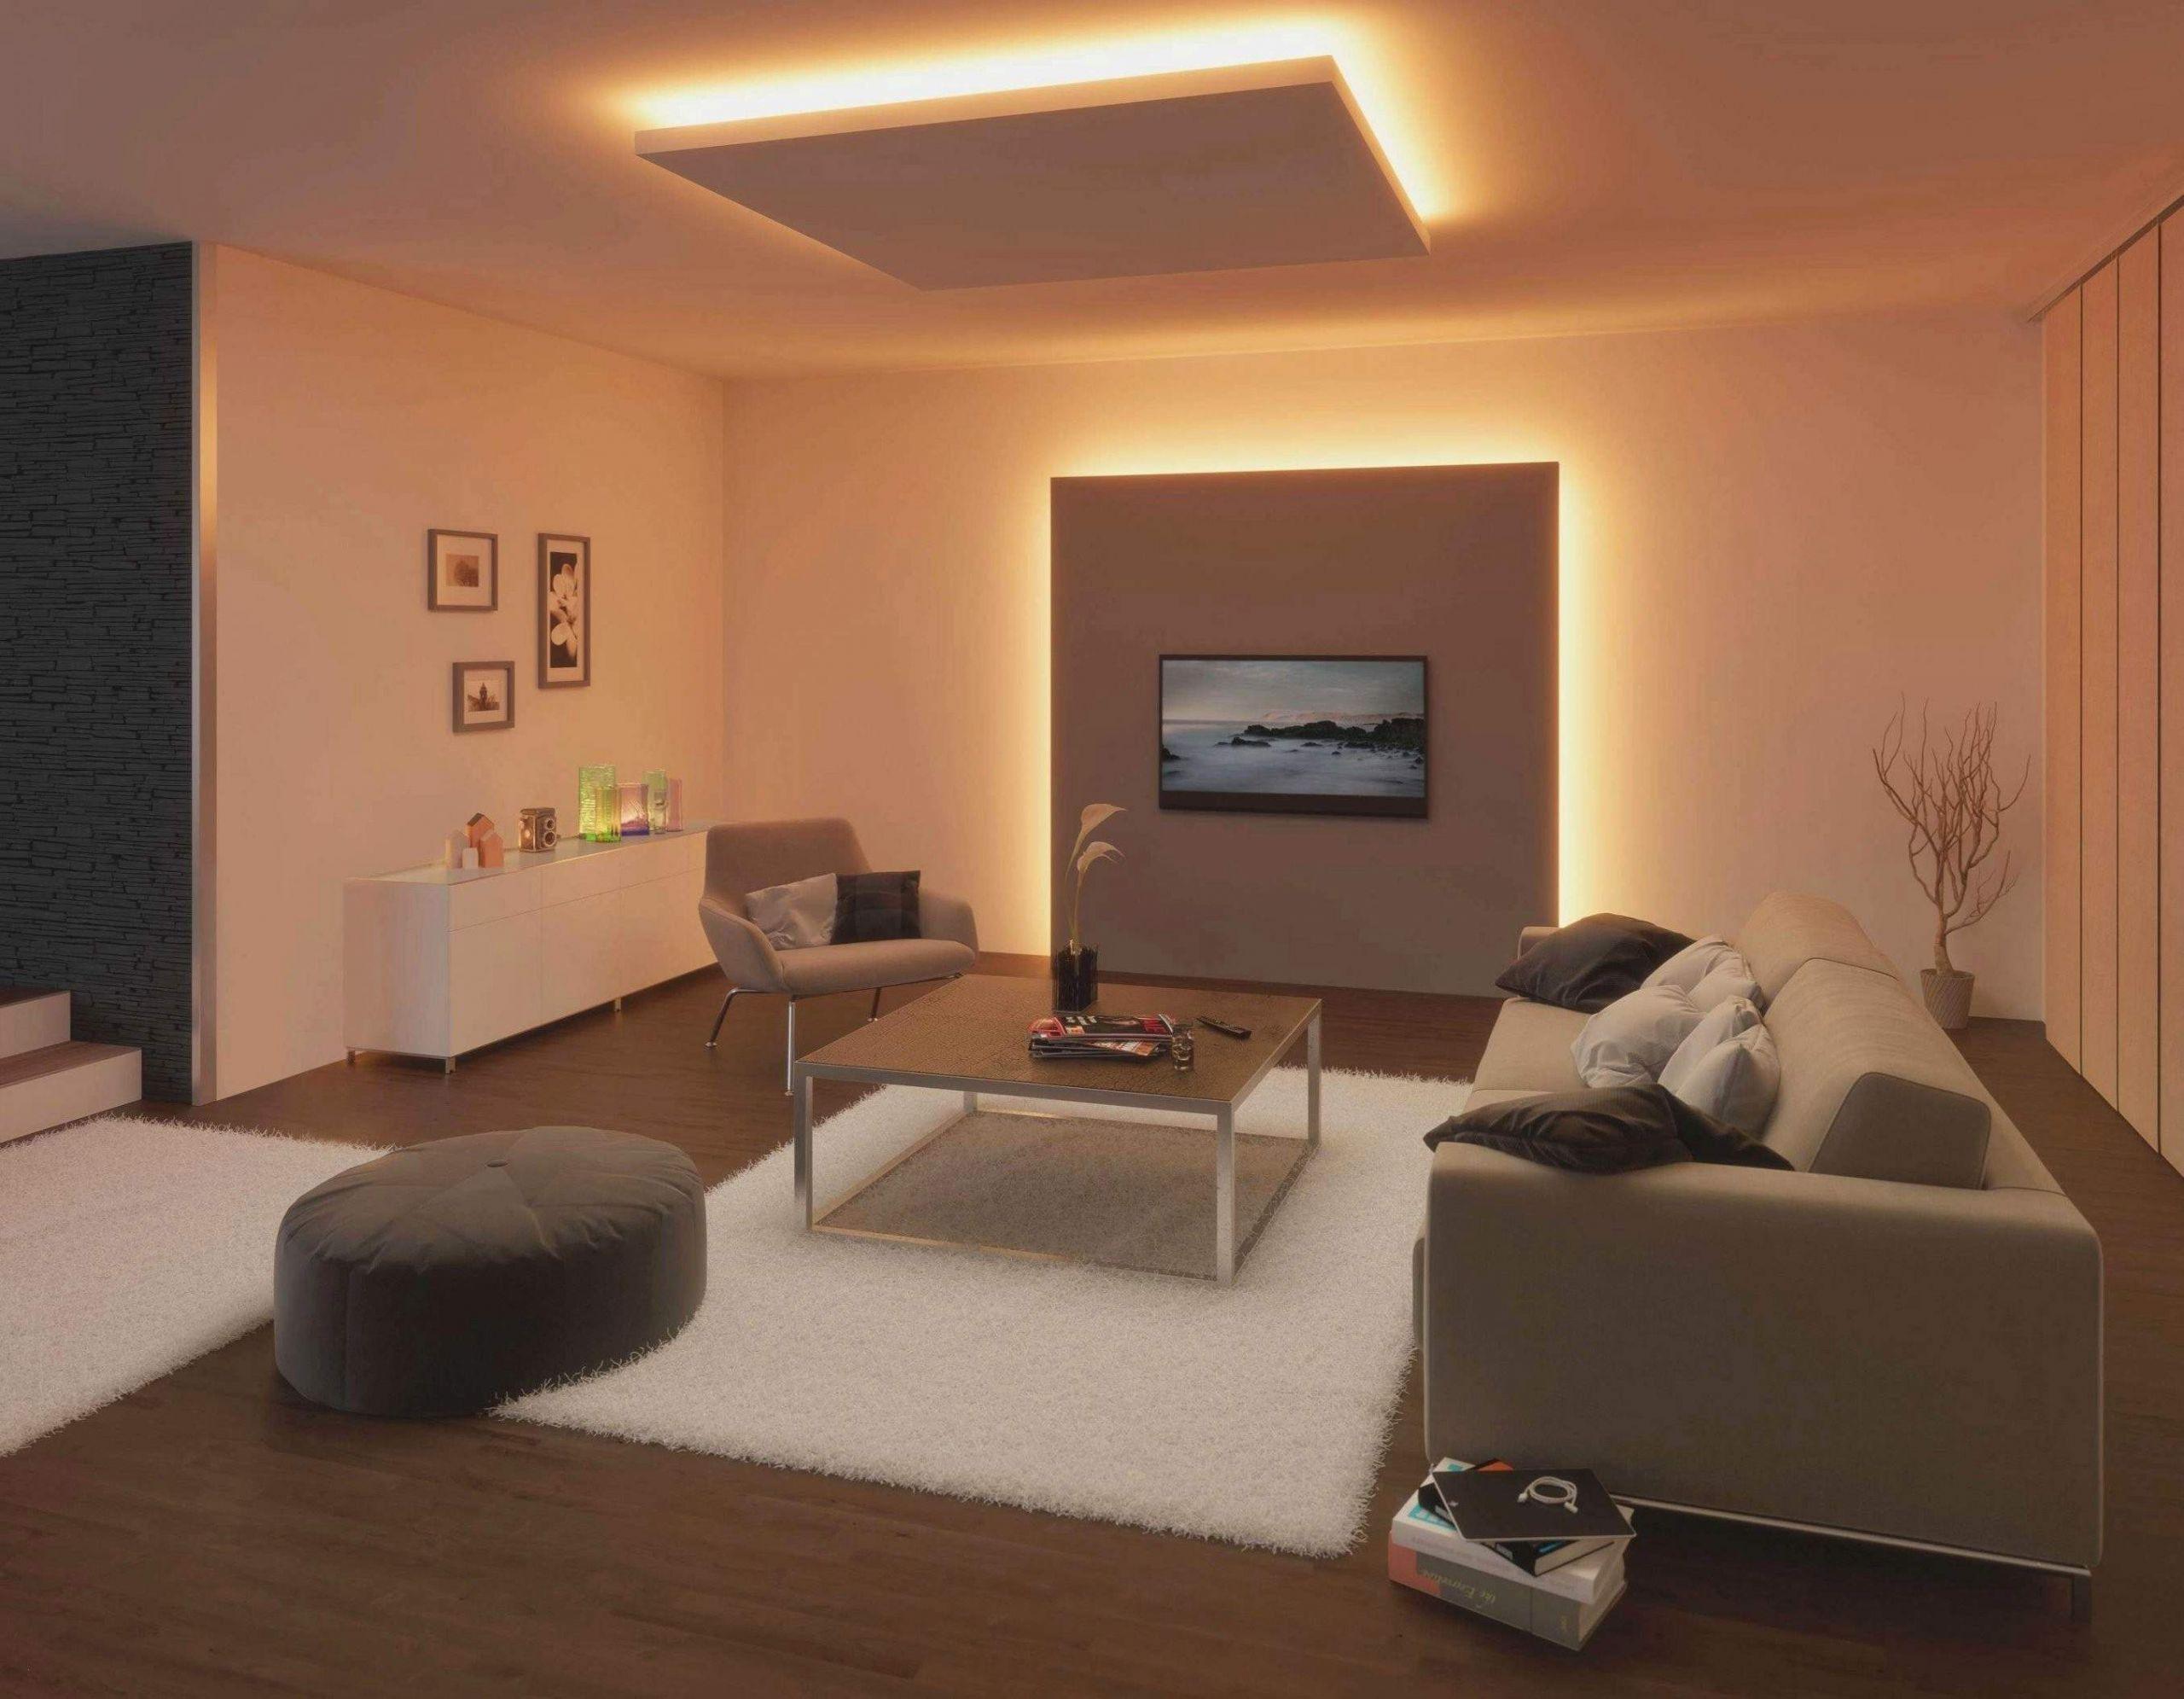 lampe wohnzimmer decke genial ikea lampen wohnzimmer design besten ideen ses jahr of lampe wohnzimmer decke